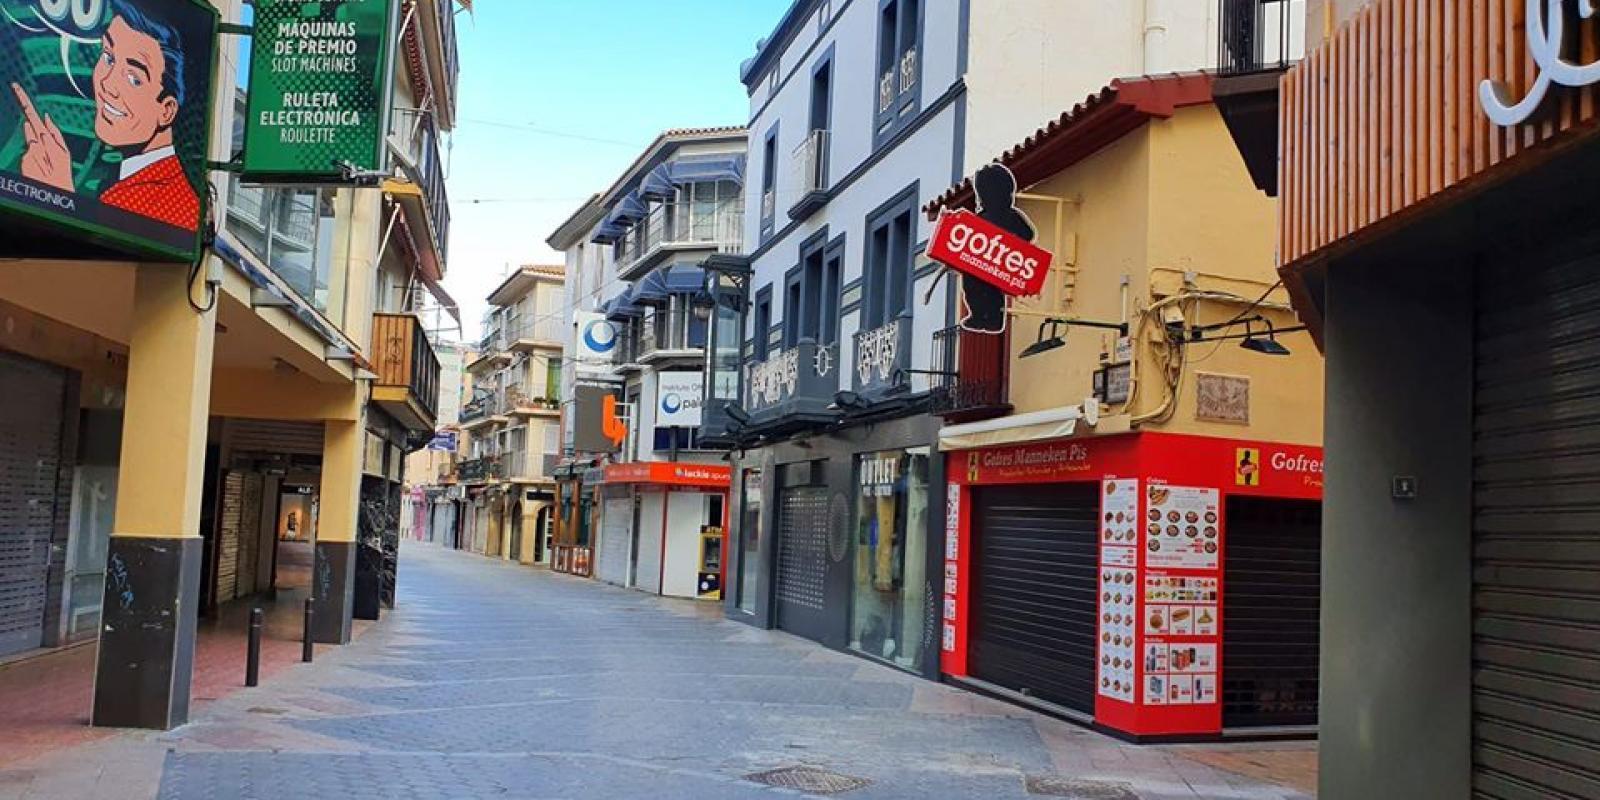 paseo_de_la_carretera_covid_policia_local.jpg